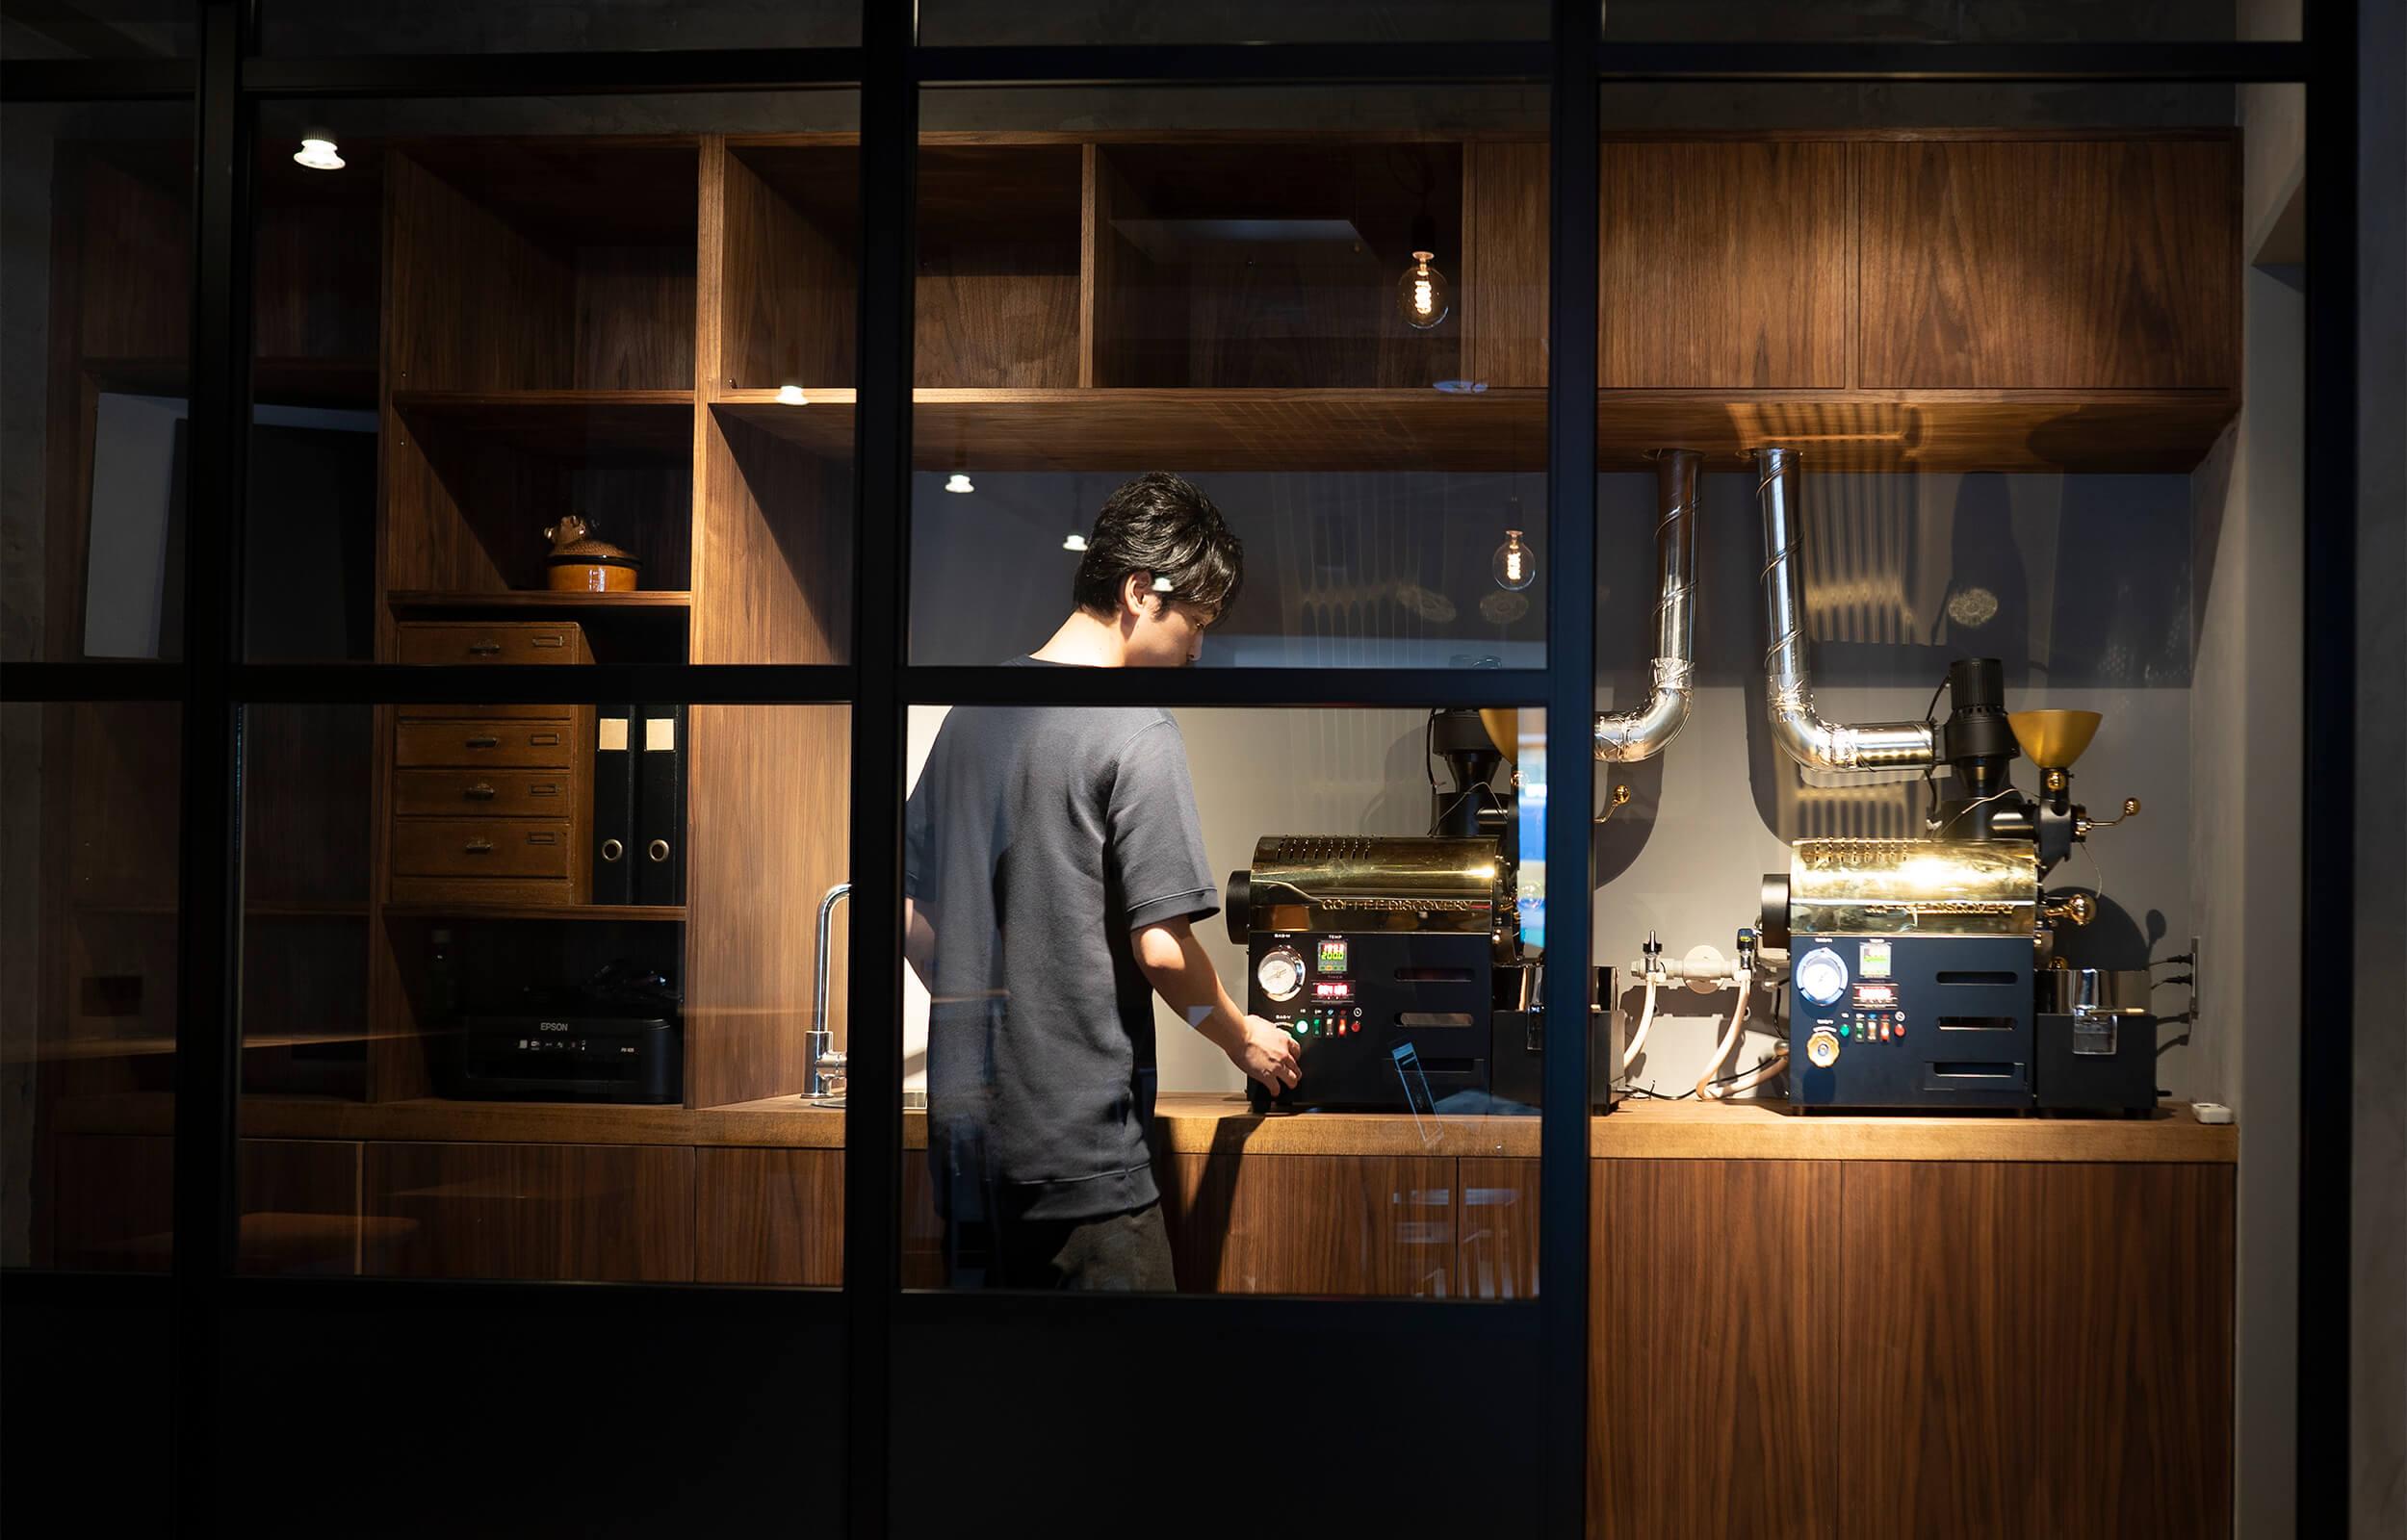 Beasty Coffee [cafe laboratory](ビースティーコーヒー カフェラボラトリー)の店内